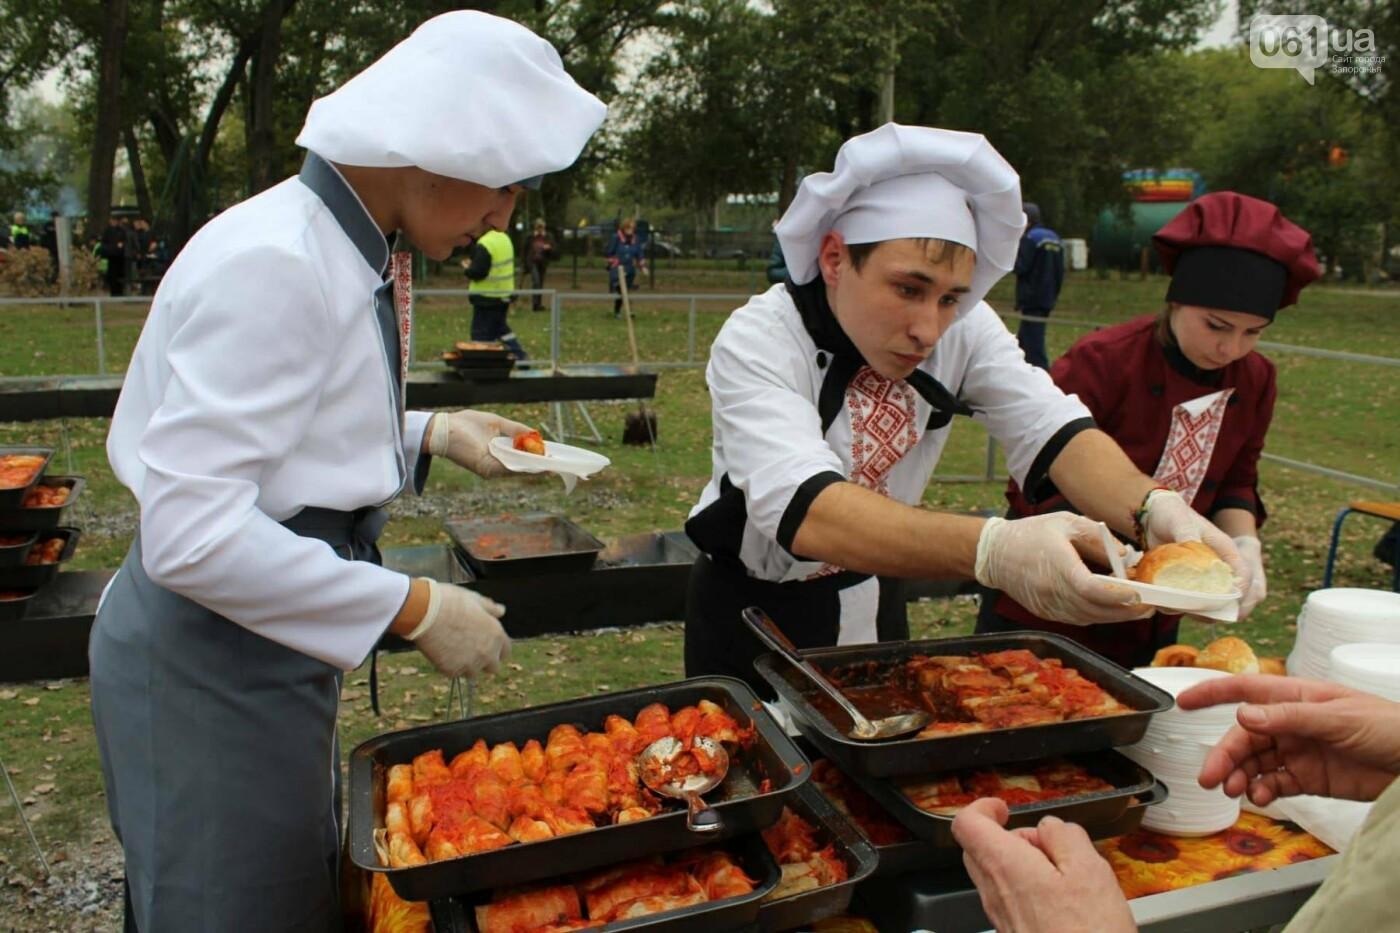 В Запорожье на ярмарке под баян начали раздавать голубцы: пока без драк, - ФОТОРЕПОРТАЖ, фото-9